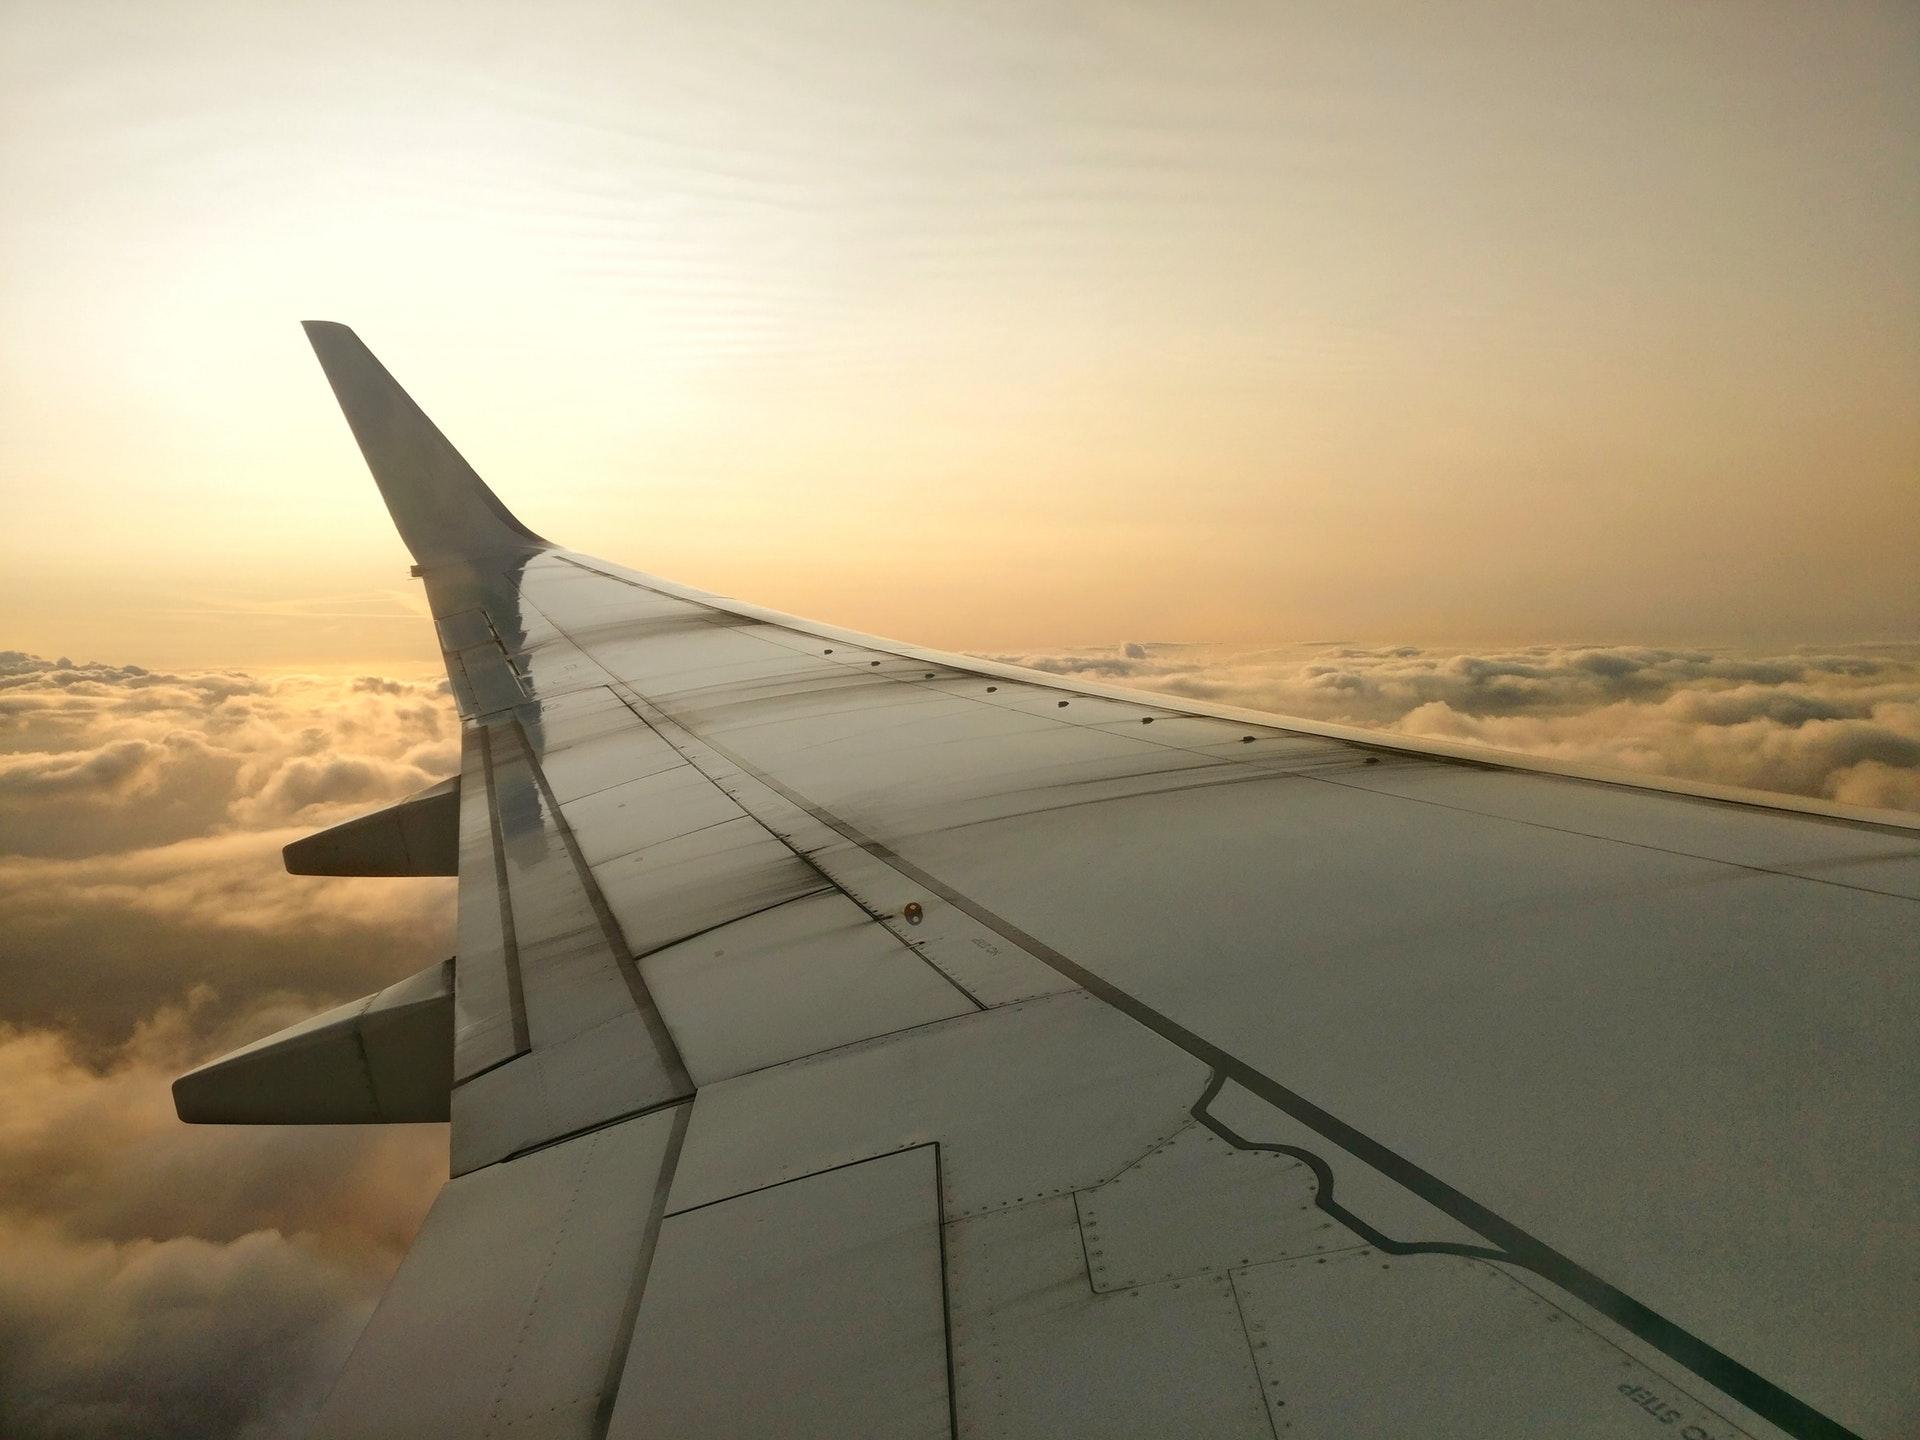 Haustiere in einem Flugzeug